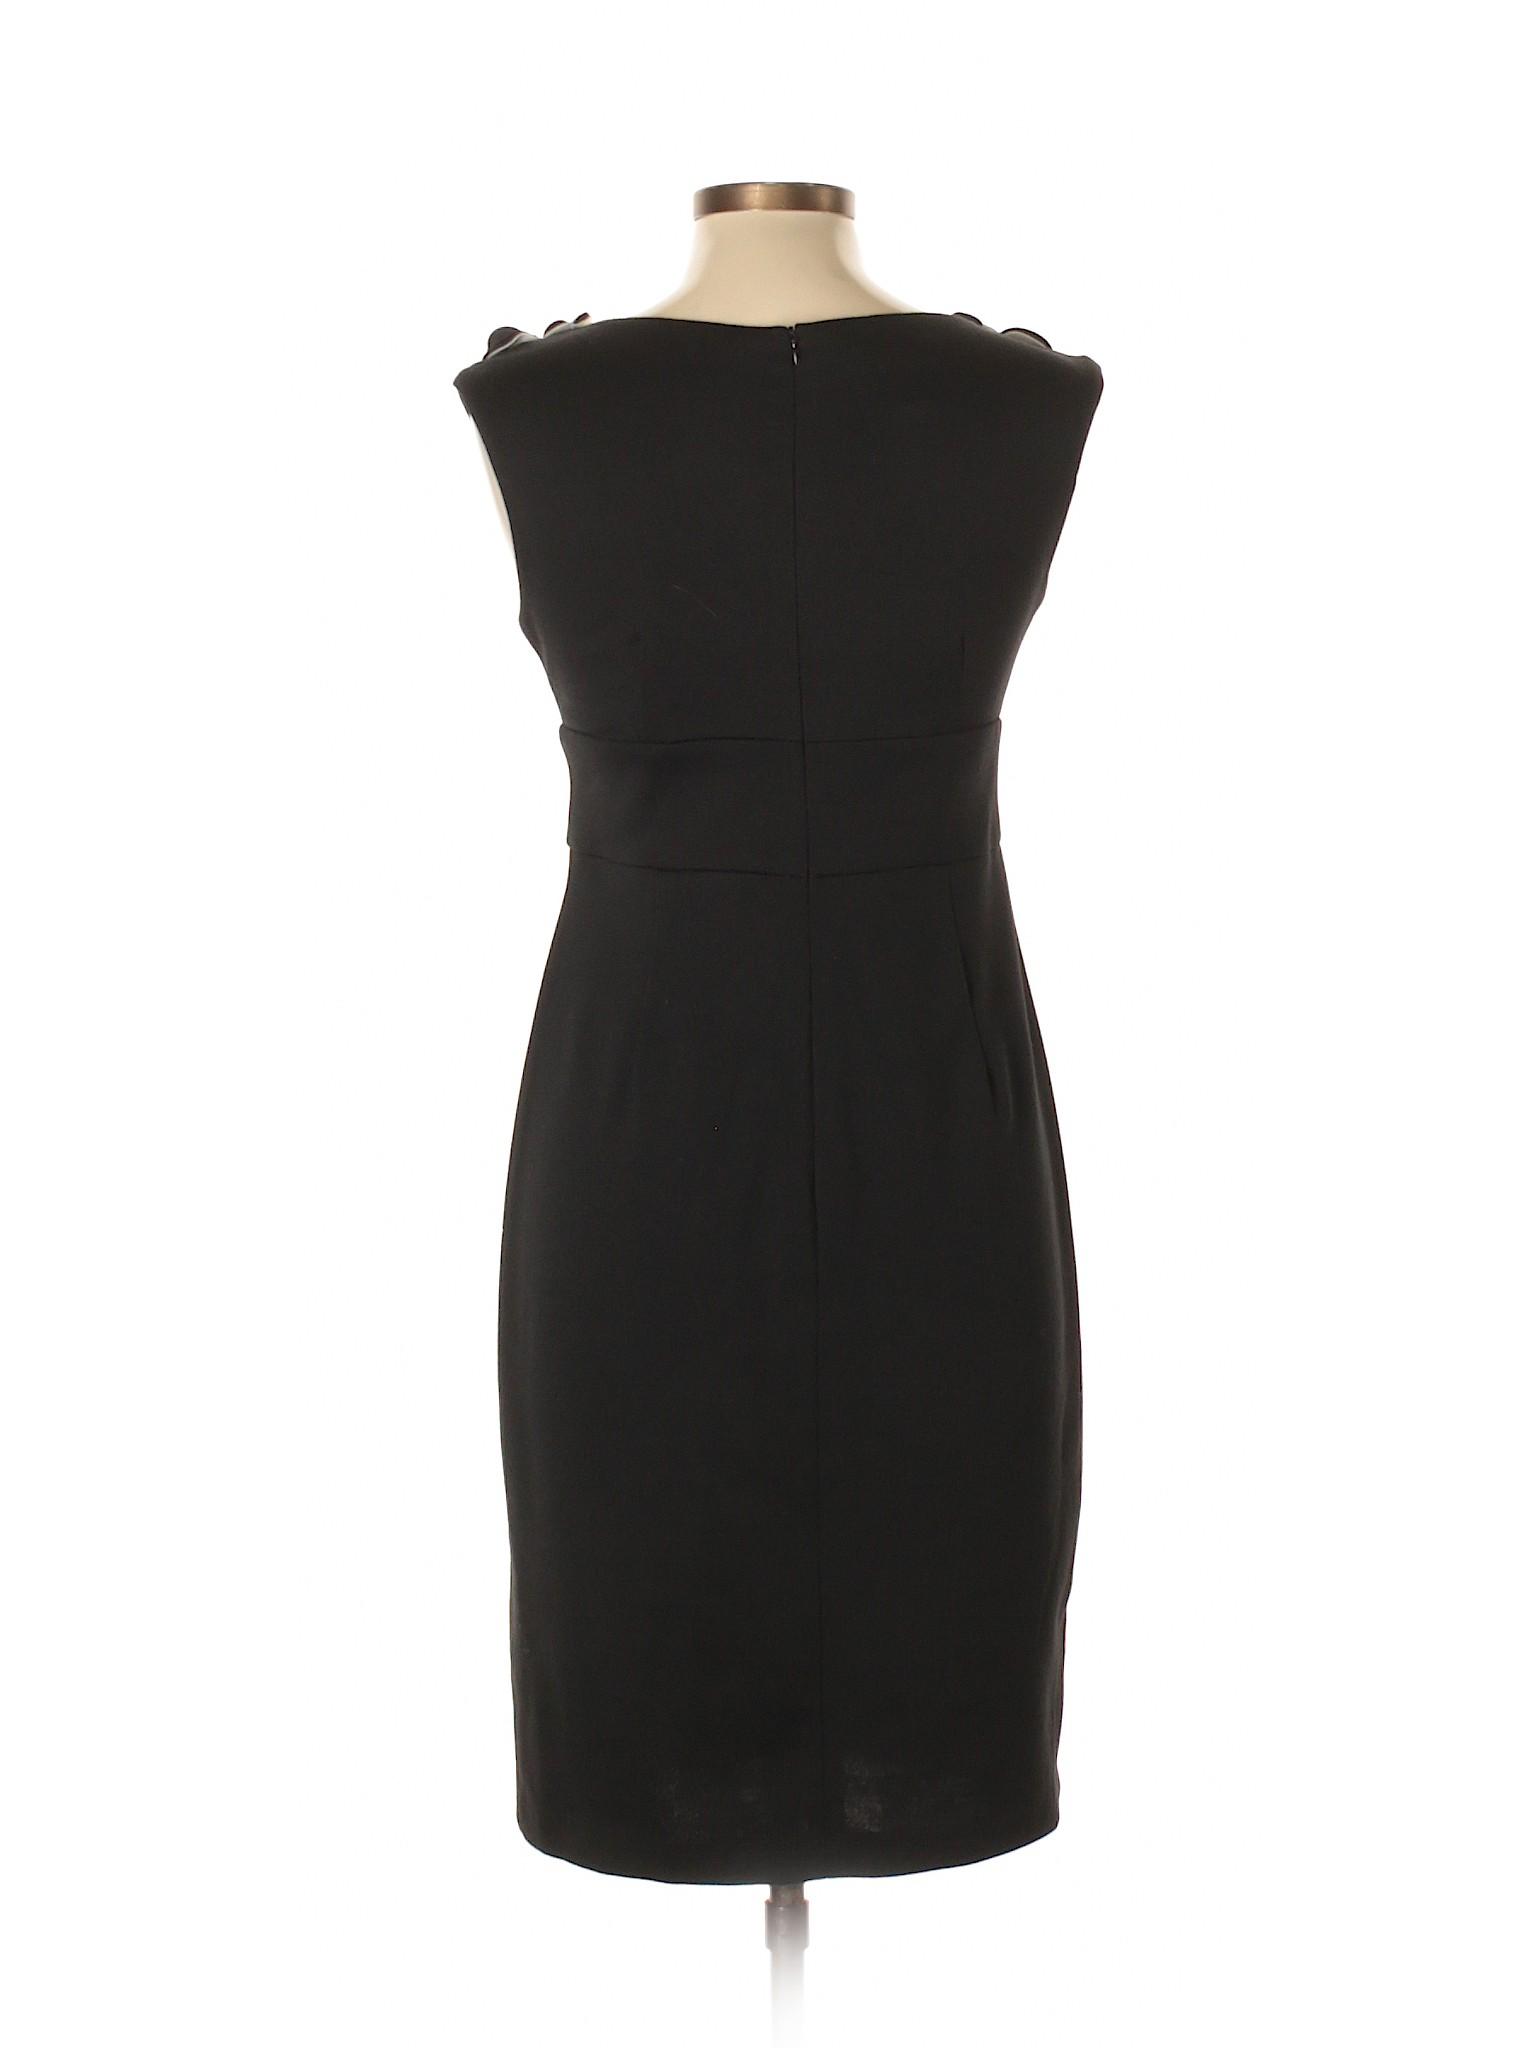 Boutique Dress Times London winter Casual PrTqP